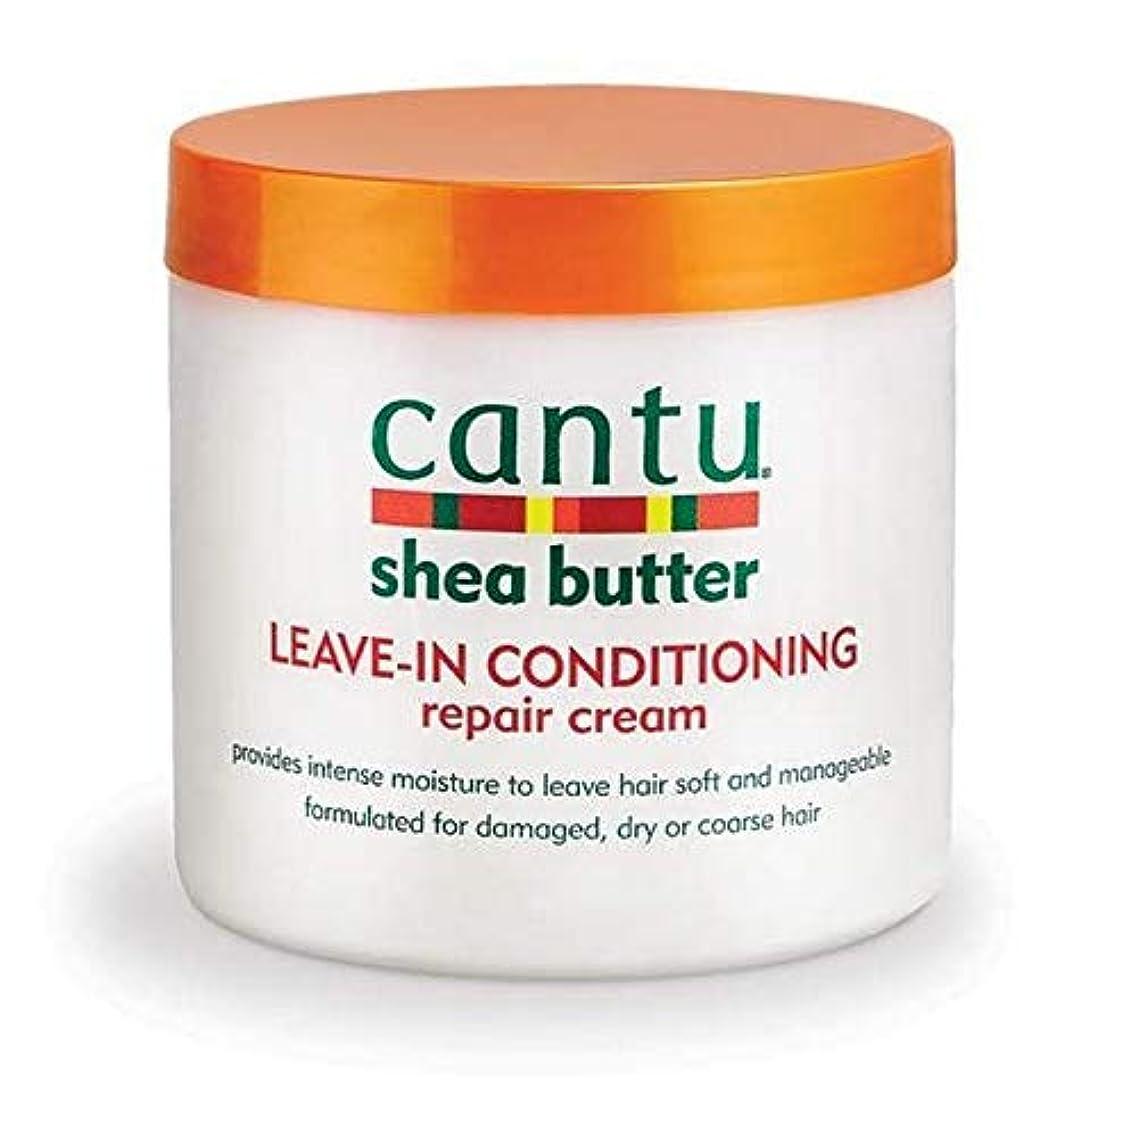 合併床ホイットニー[Cantu ] エアコン修理クリーム453グラムでカントゥシアバター休暇 - Cantu Shea Butter Leave in Conditioning Repair Cream 453g [並行輸入品]